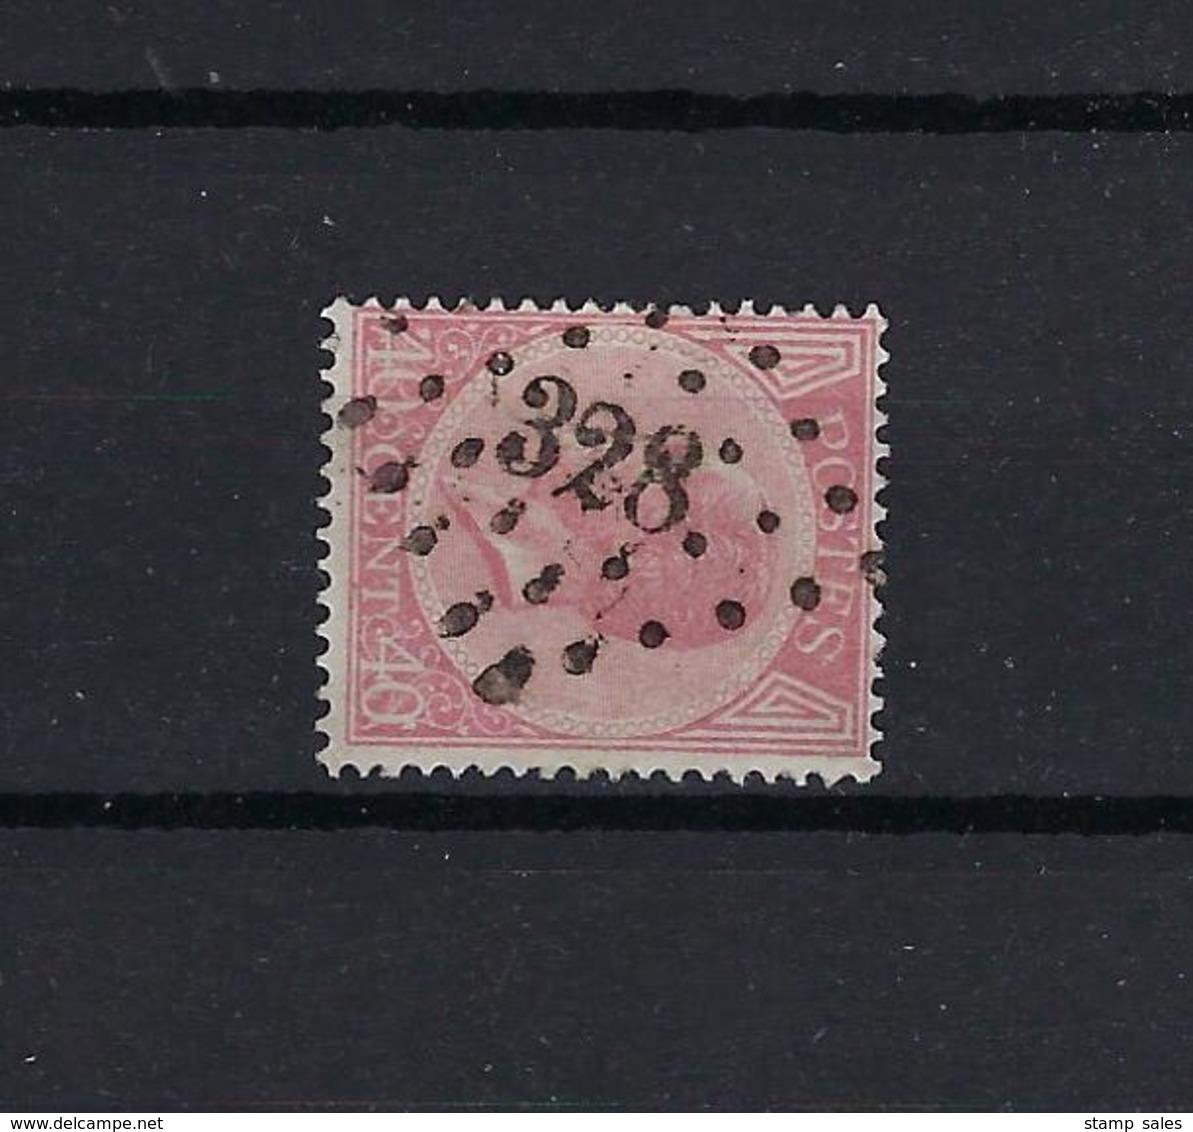 N°20A GESTEMPELD Pt328 St.Nicolas COB € 22,00 COBA € 10,00 SUPERBE - 1865-1866 Perfil Izquierdo